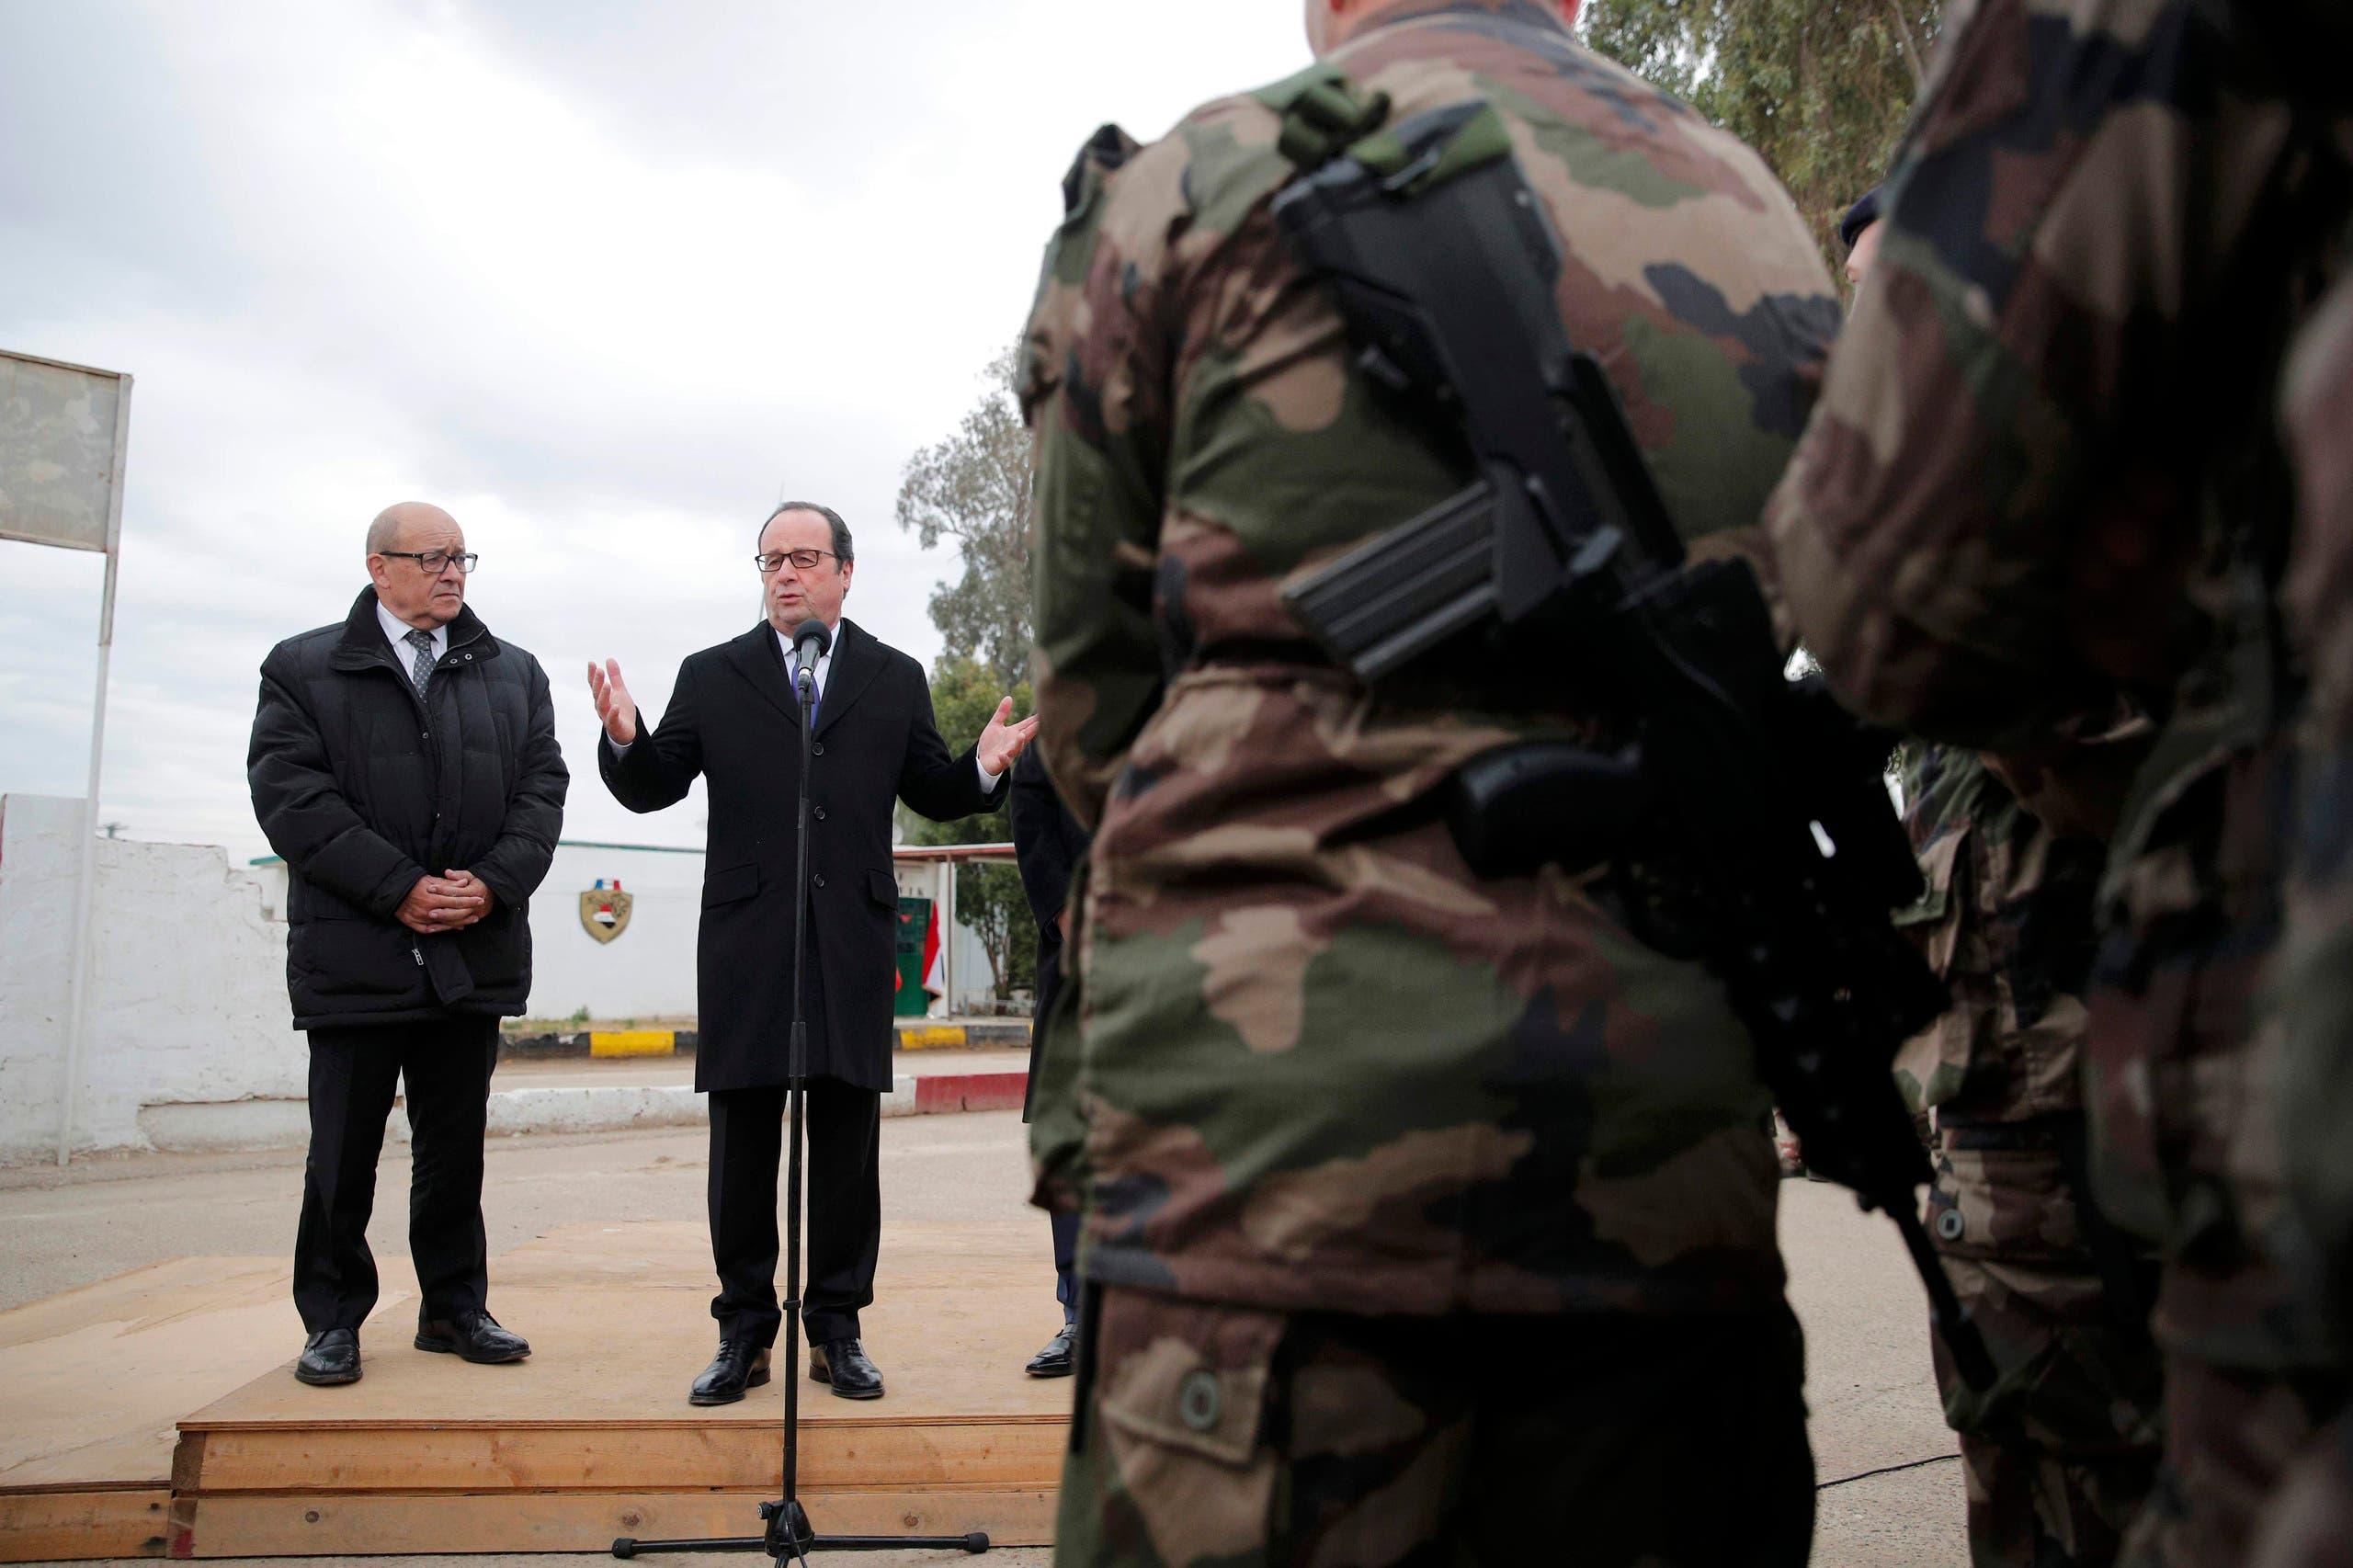 فرانسوا اولاند رئیس جمهوری فرانسه و در کنار او جان اف لودریان وزیر دفاع این کشور